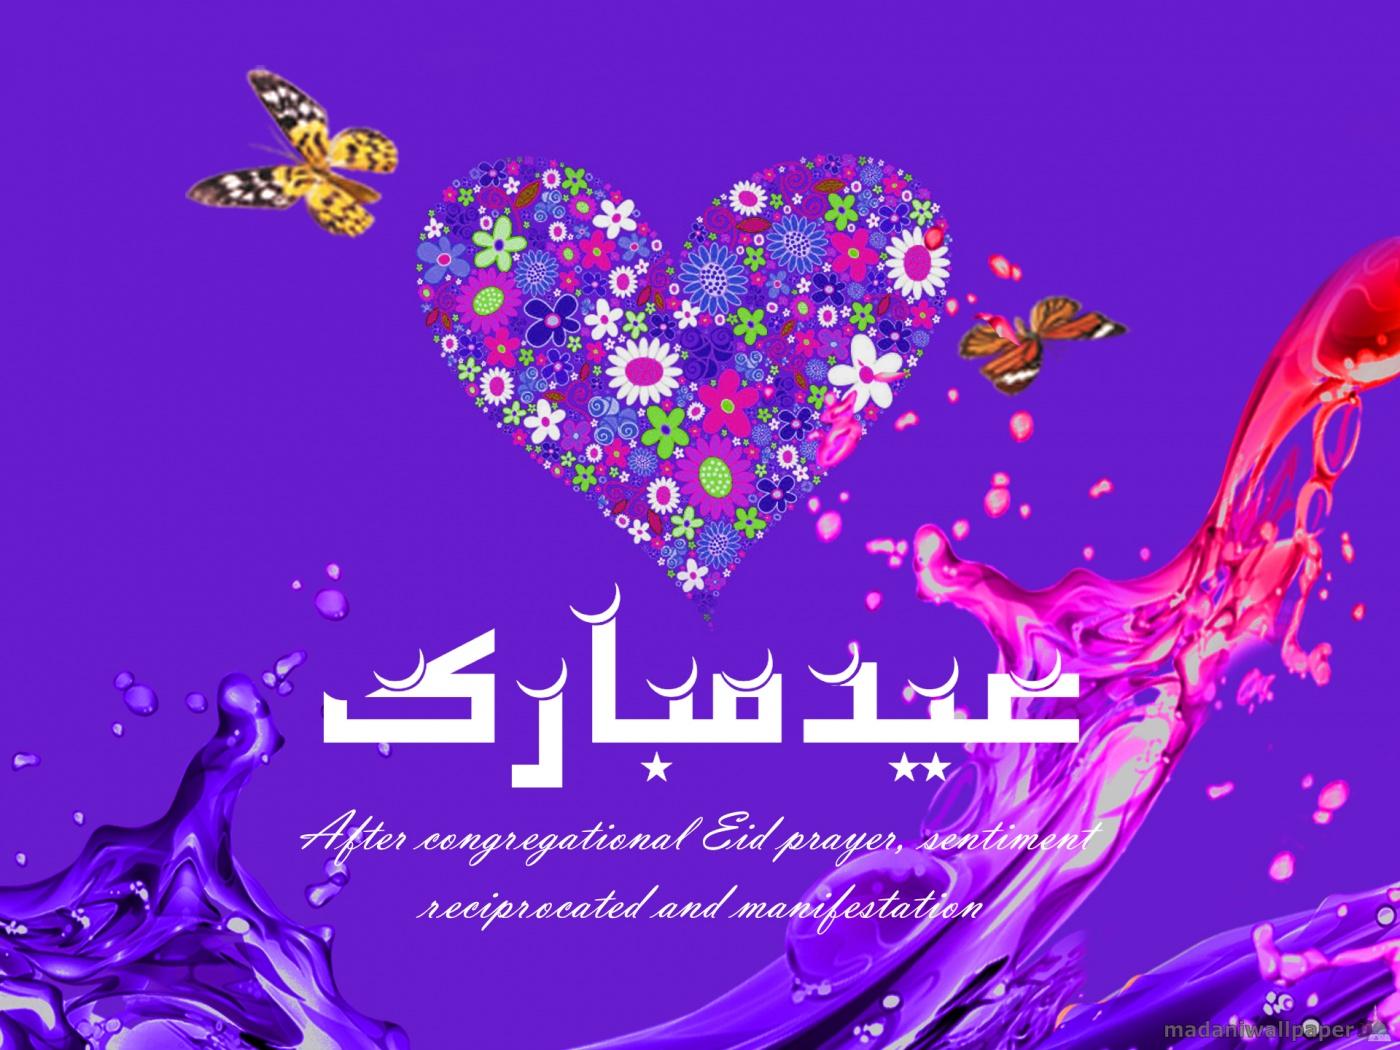 Eid ul fitr arabic greetings cards 2017 eid mubarak arabic greetings eid mubarak arabic greetings 20172b2528152529 kristyandbryce Images